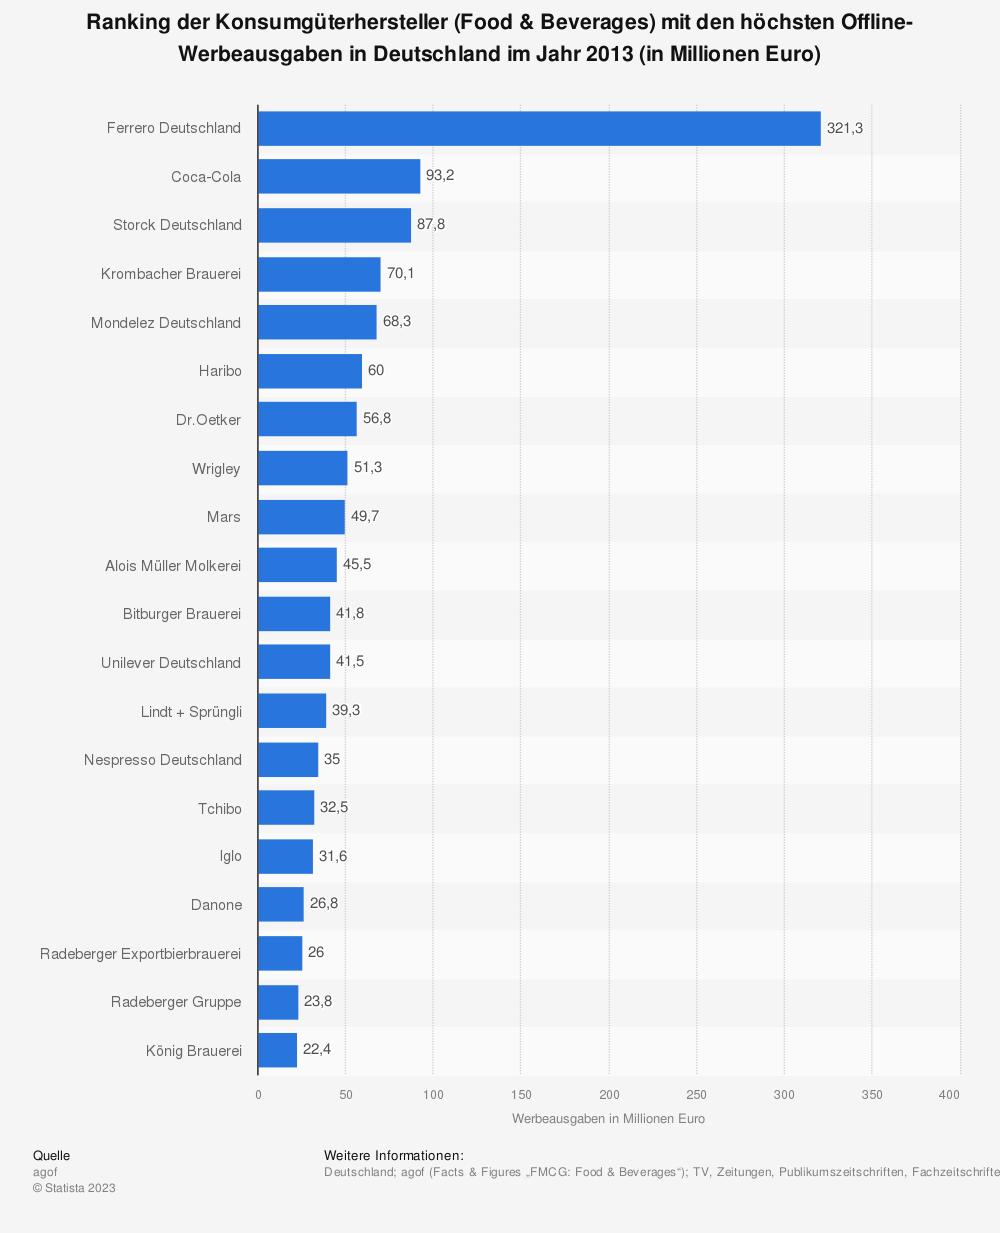 Statistik: Ranking der Konsumgüterhersteller (Food & Beverages) mit den höchsten Offline-Werbeausgaben in Deutschland im Jahr 2013 (in Millionen Euro) | Statista